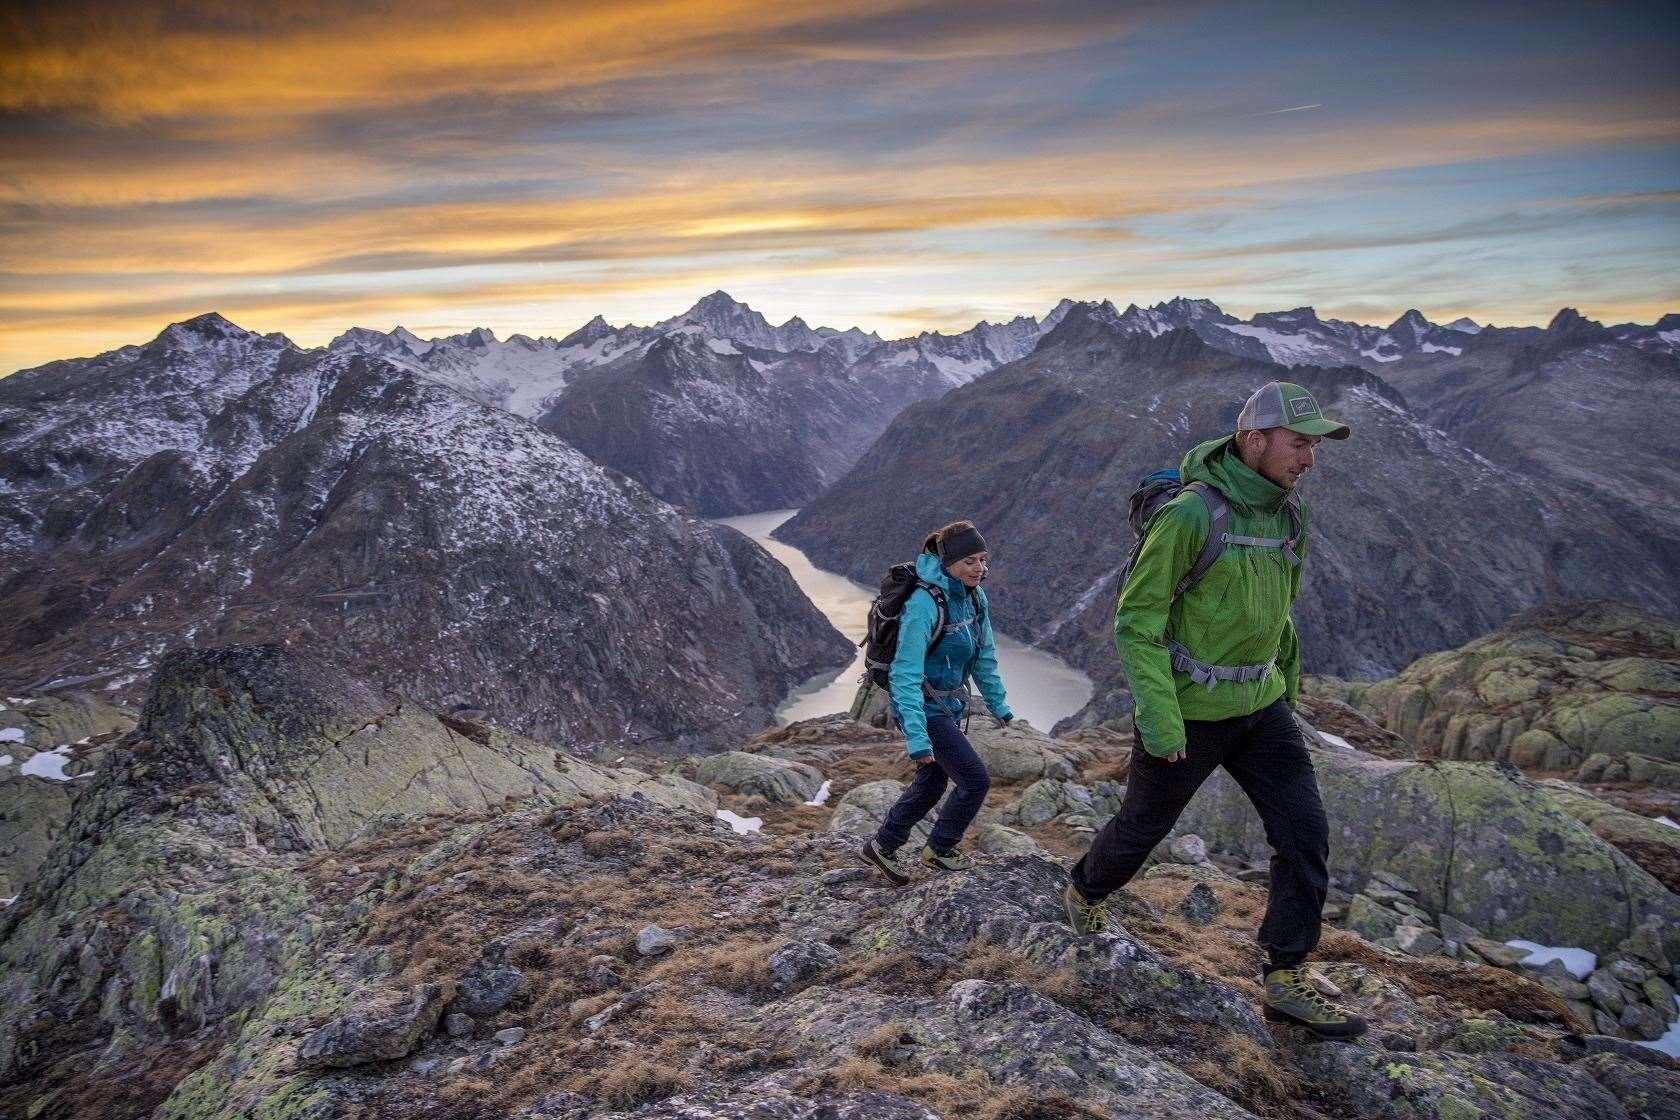 La Suisse pourrait-elle être votre prochaine destination de vacances si les voyages à l'étranger sont autorisés?  Photo: Conseillers en voyages